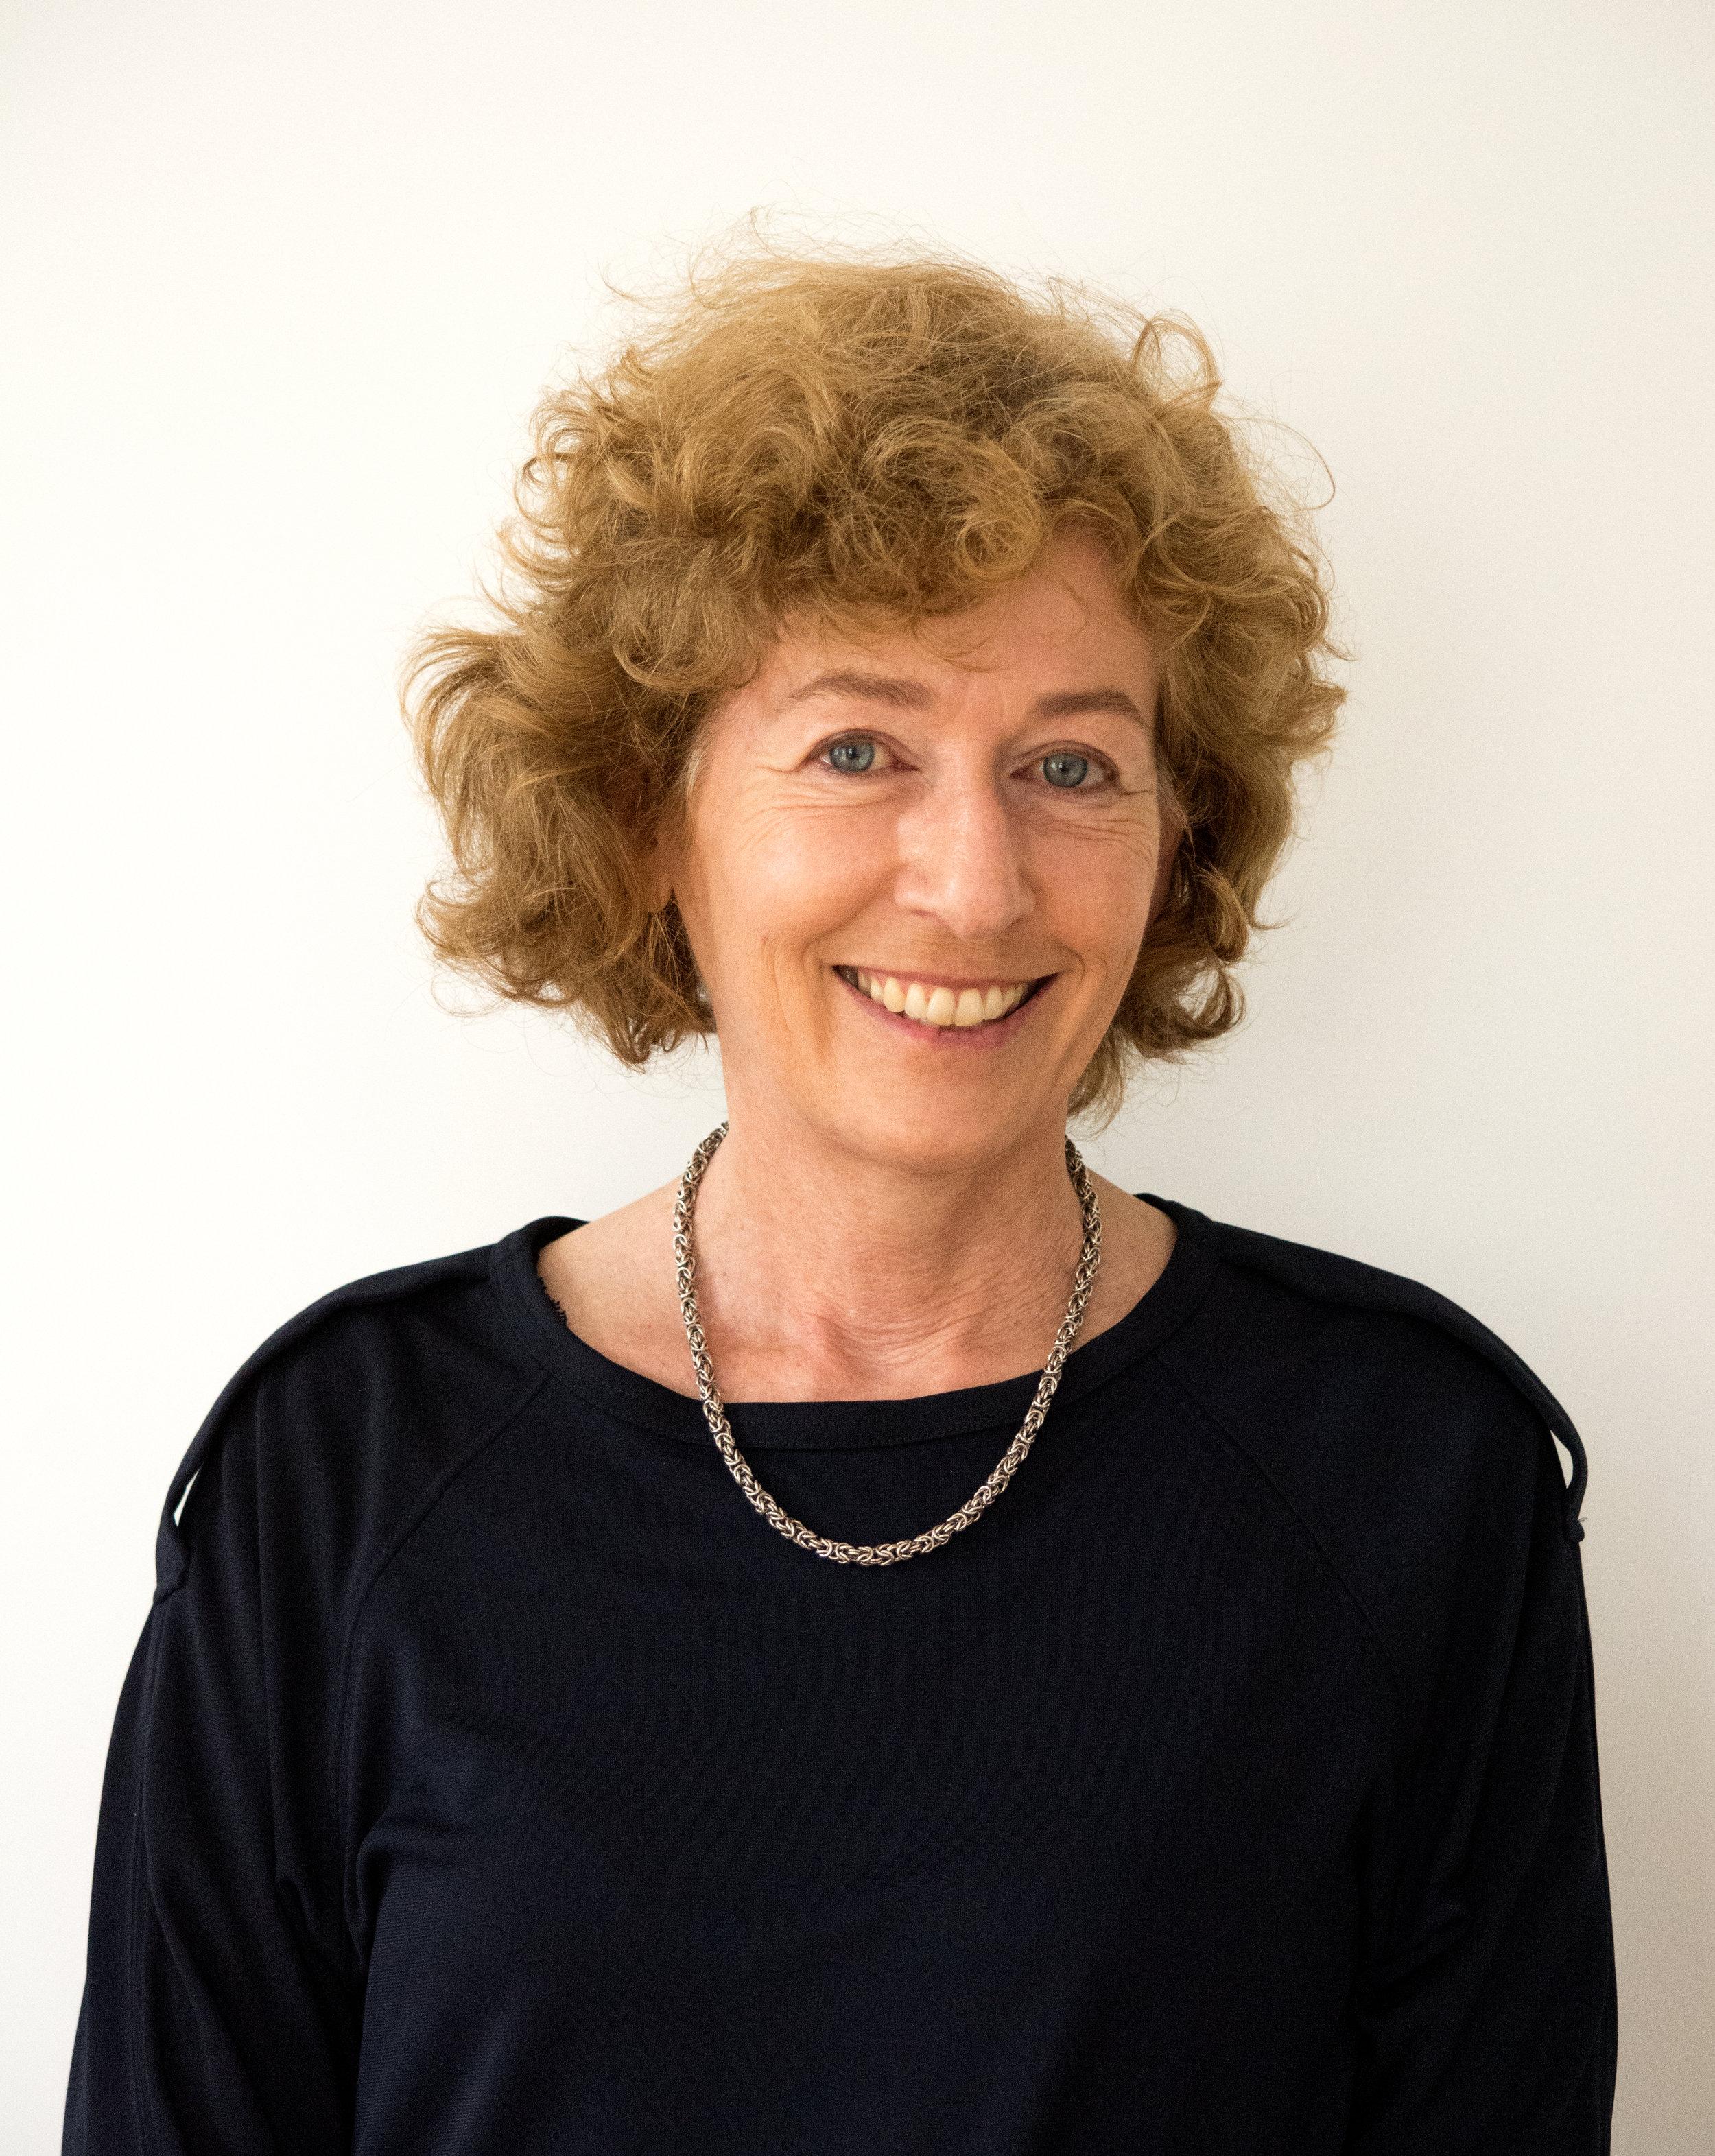 Dr. Ursula Leissing